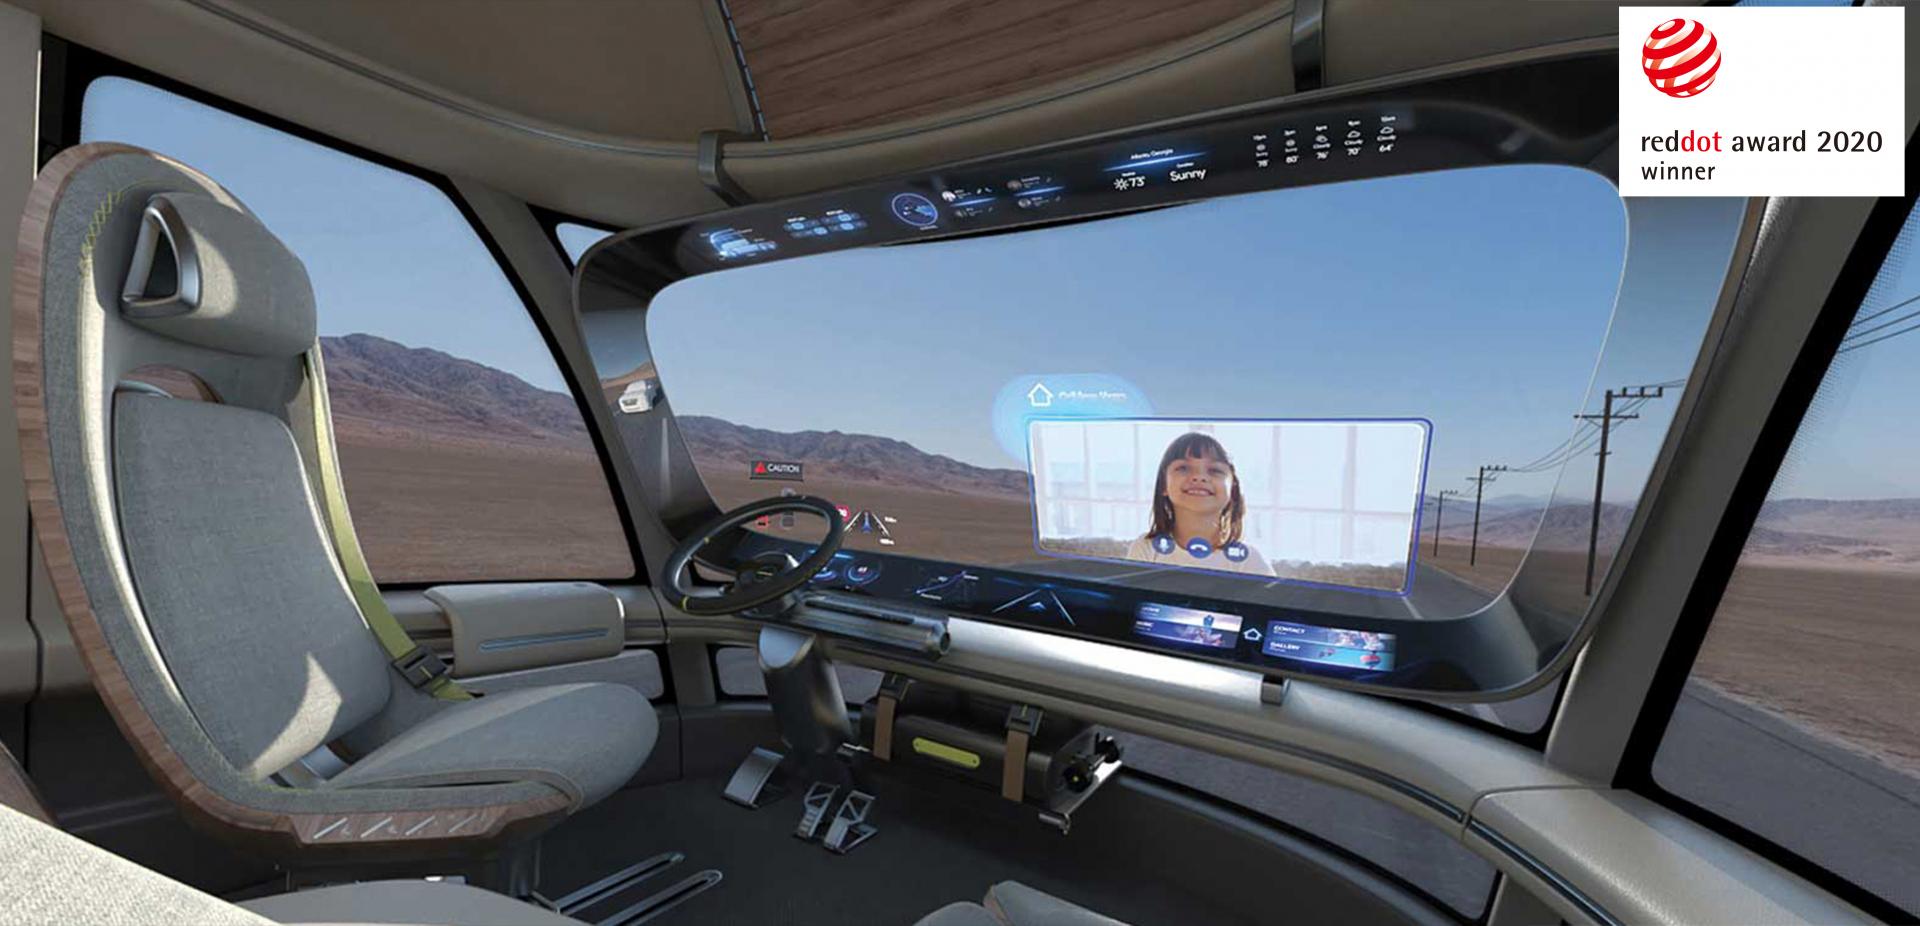 Компанія Hyundai Motor отримала три нагороди Red Dot Award 2020 за концептуальний дизайн | ТОВ «АлексСхід» - фото 12